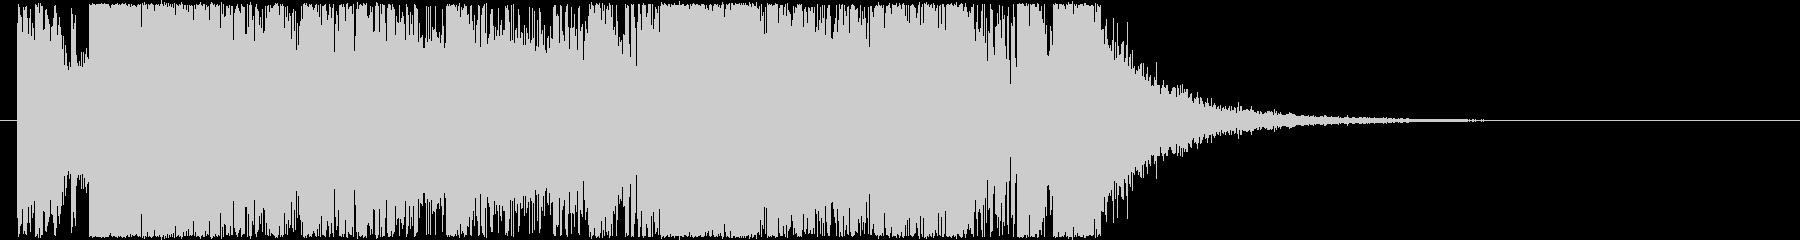 シンセをメインにしたEDM風ジングル11の未再生の波形